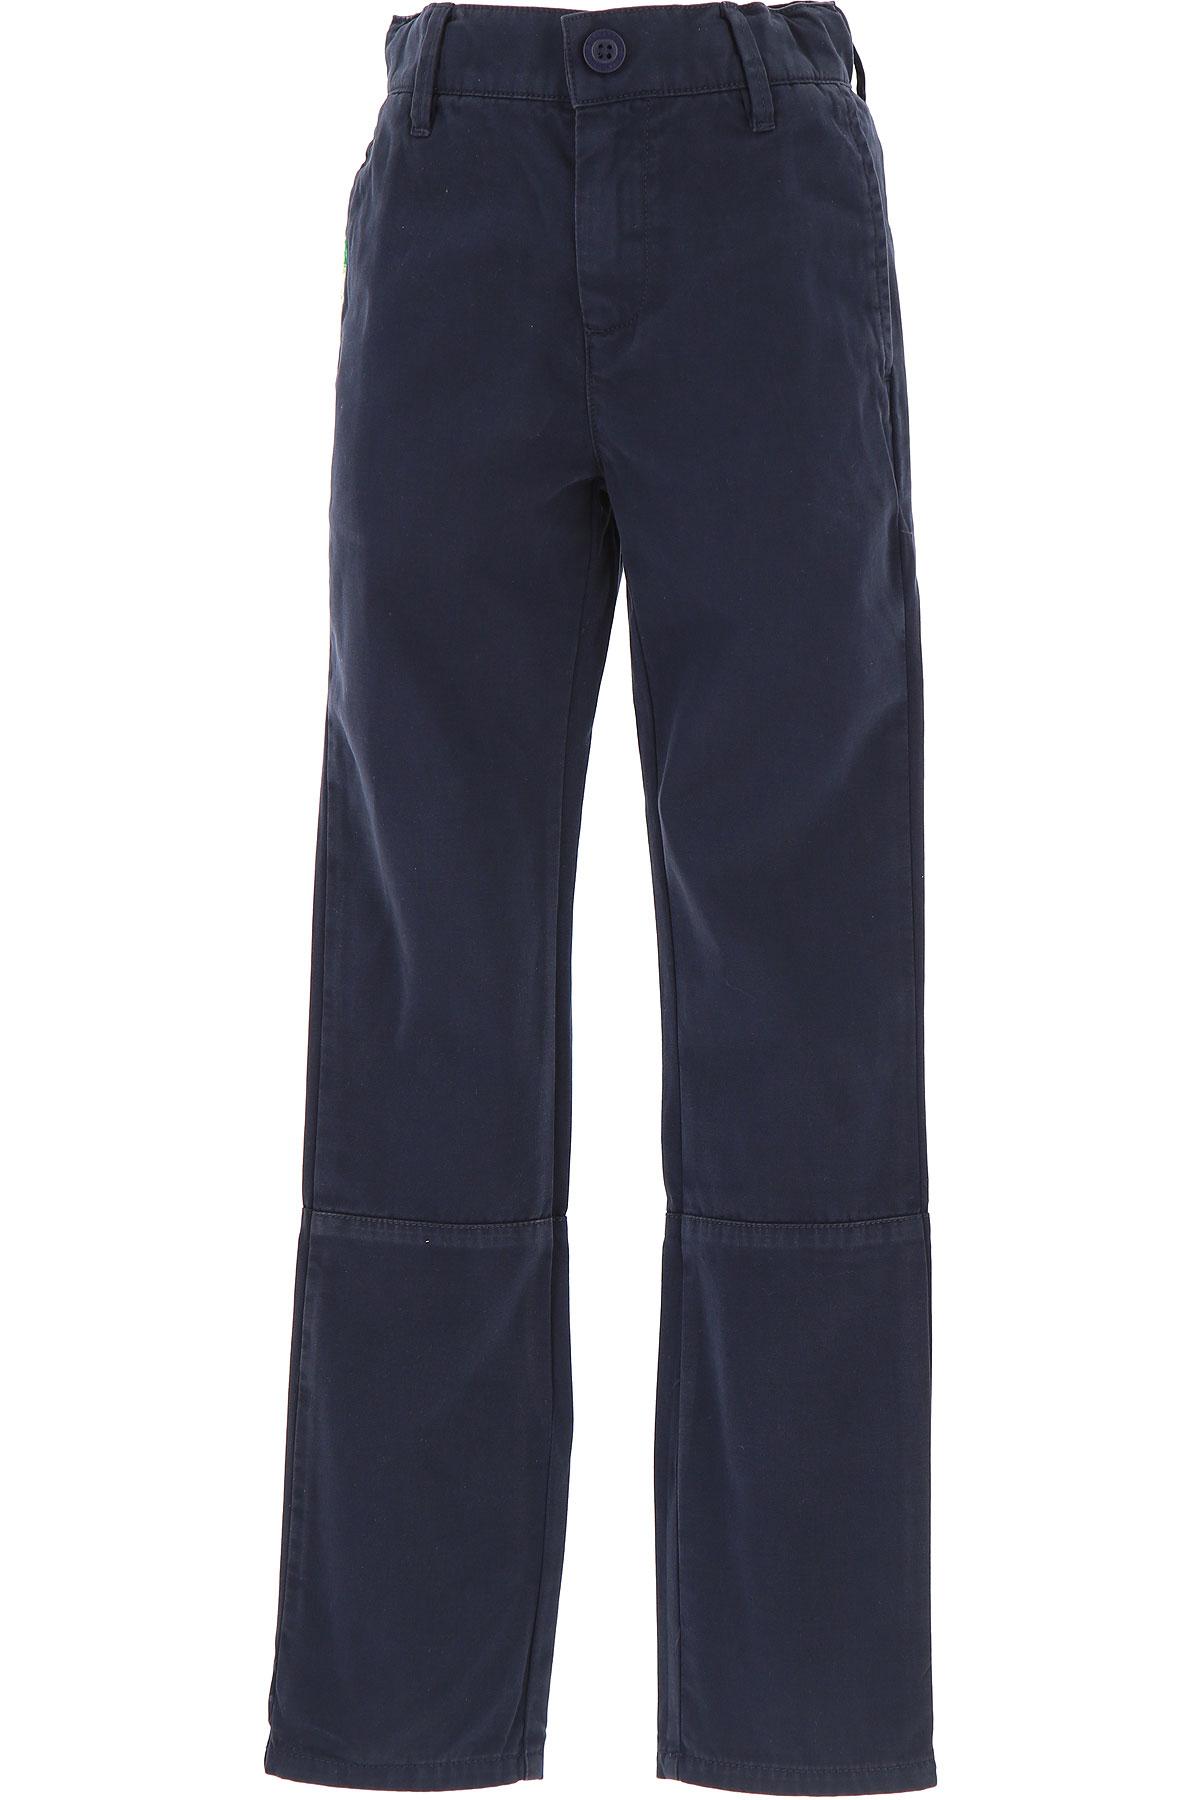 Image of Billybandit Kids Pants for Boys, Blue, Cotton, 2017, 10Y 2Y 4Y 5Y 6Y 8Y